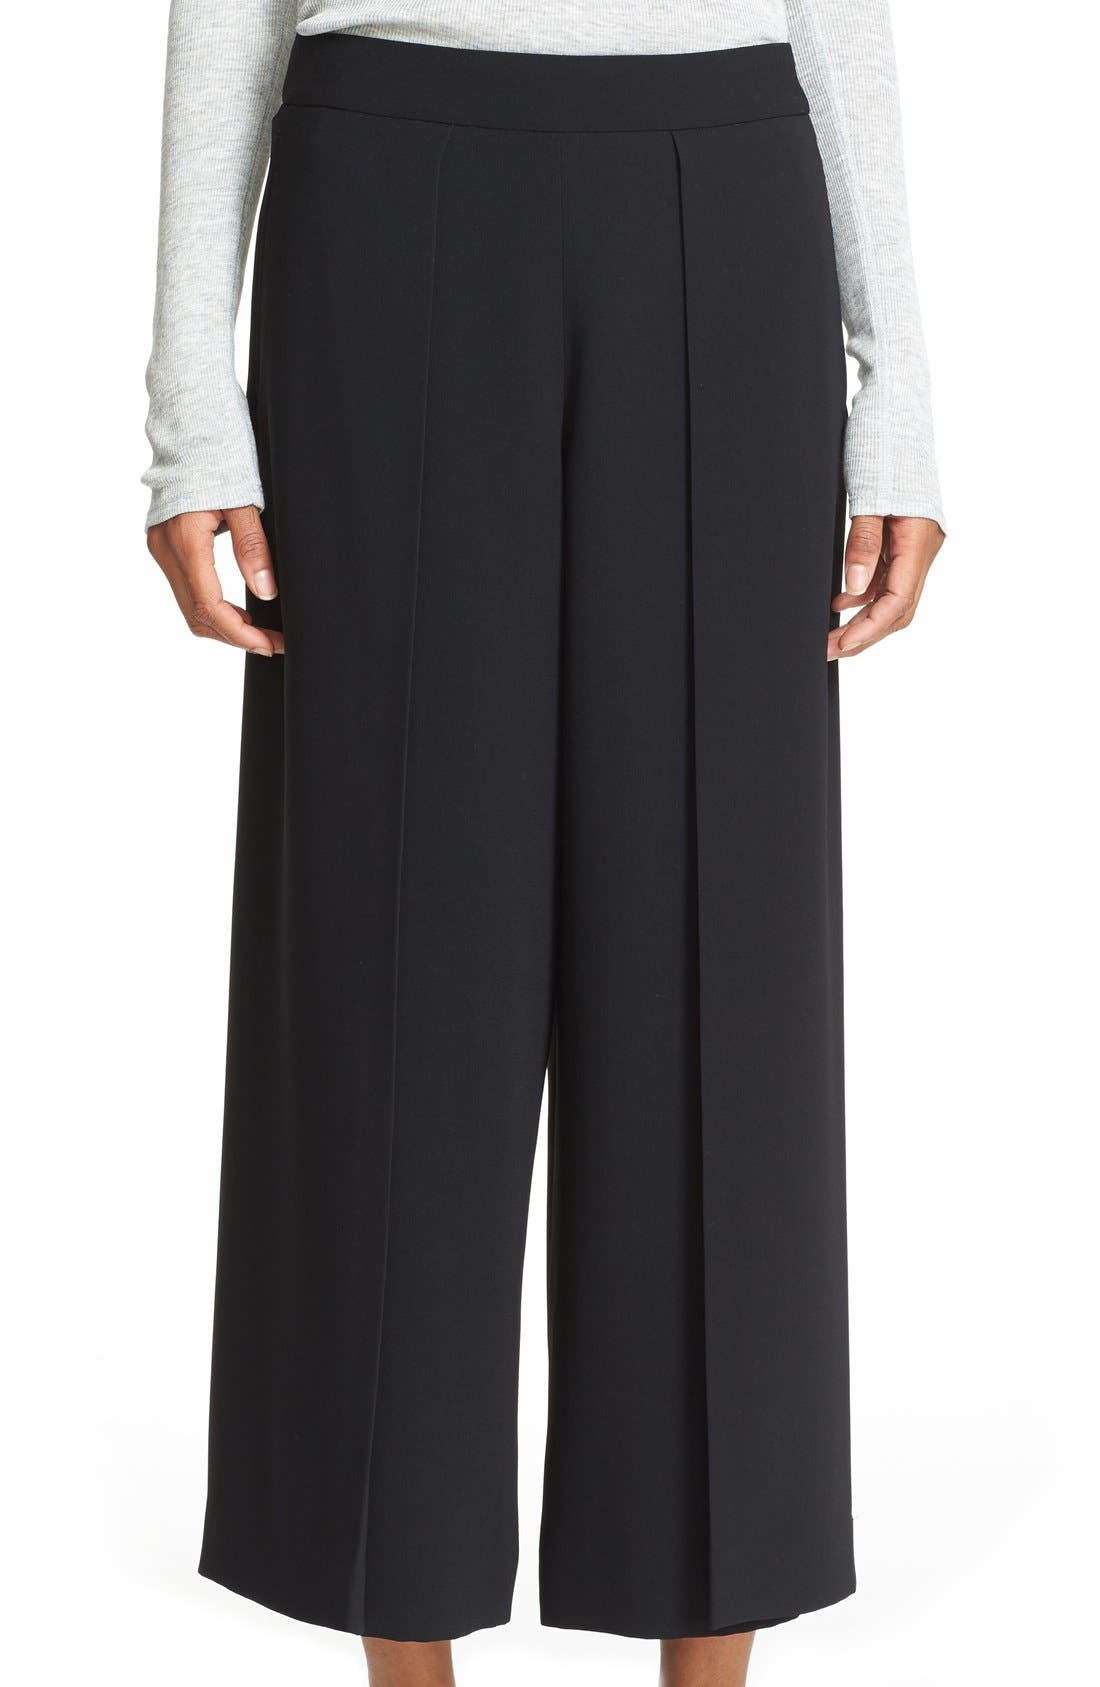 'Rowe' Pleat Crop Pants,                             Main thumbnail 1, color,                             001